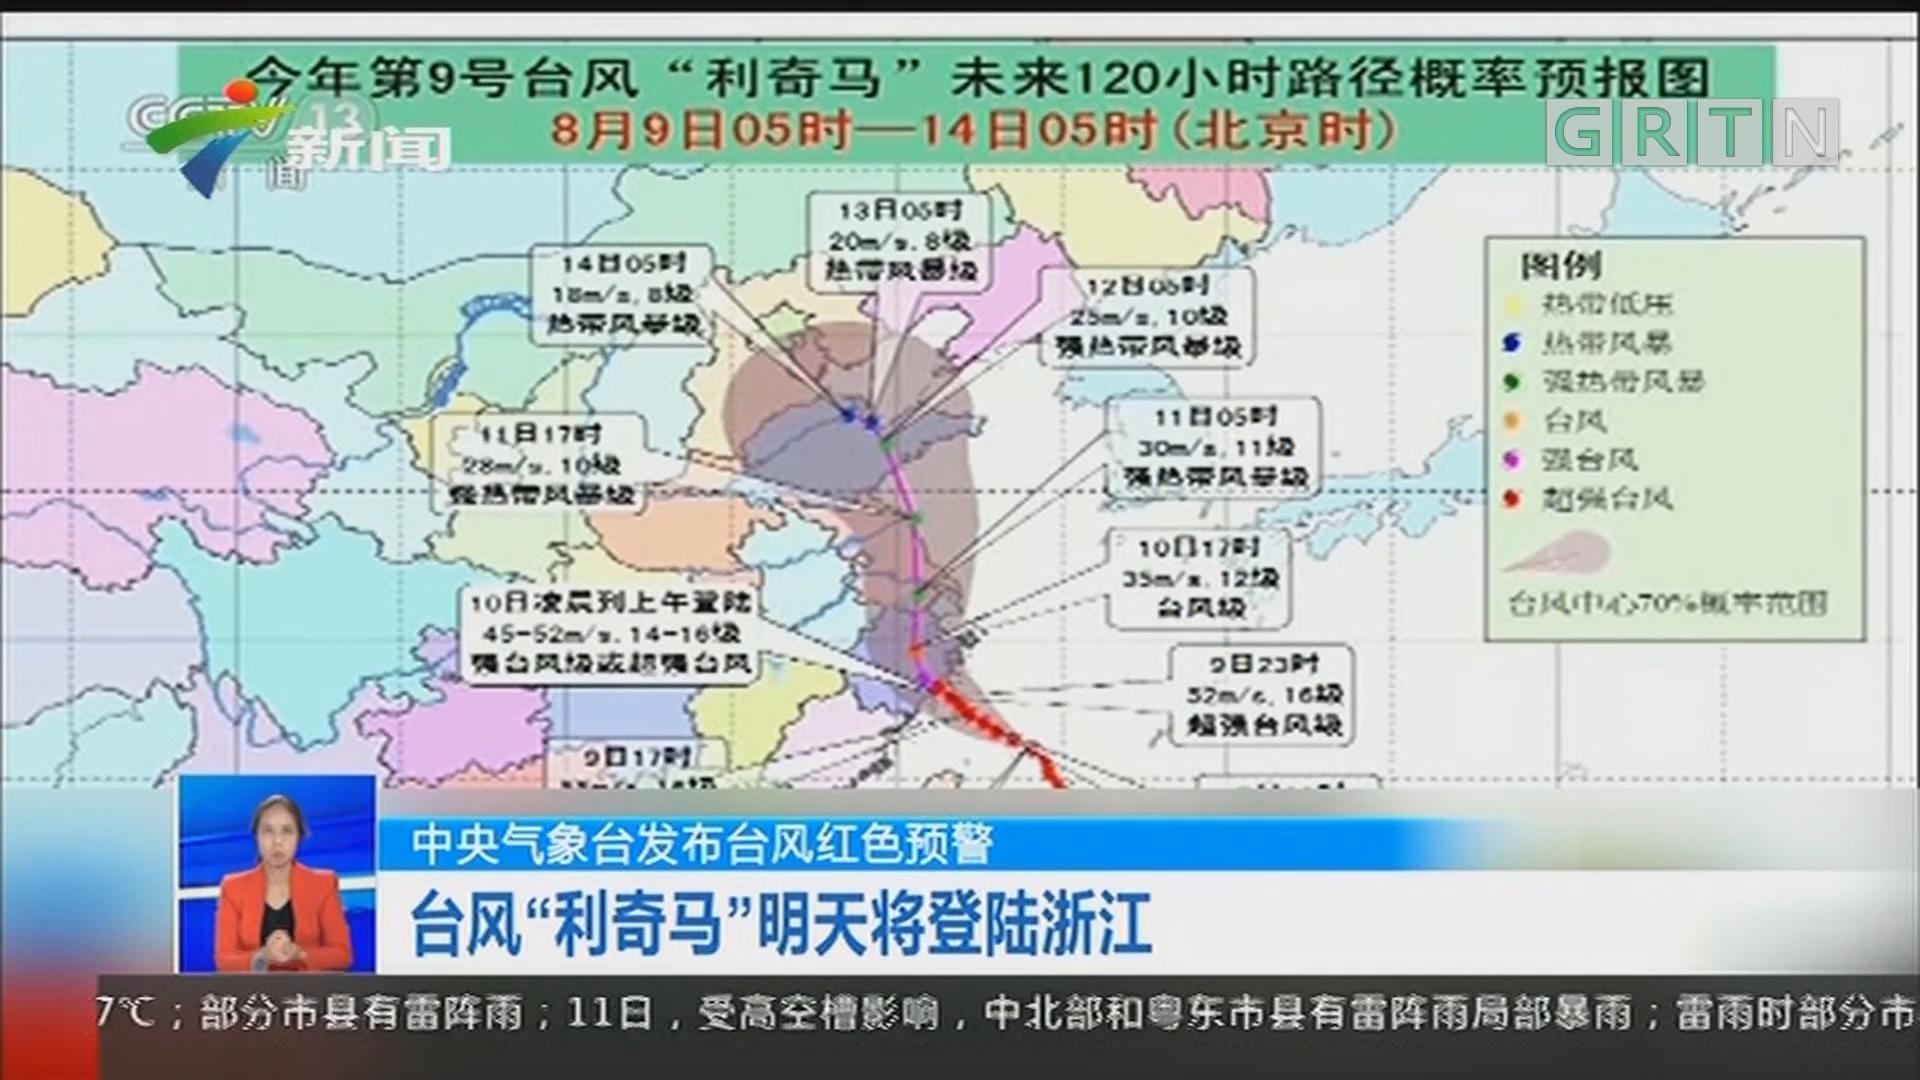 """中央气象台发布台风红色预警:台风""""利奇马""""明天将登陆浙江"""